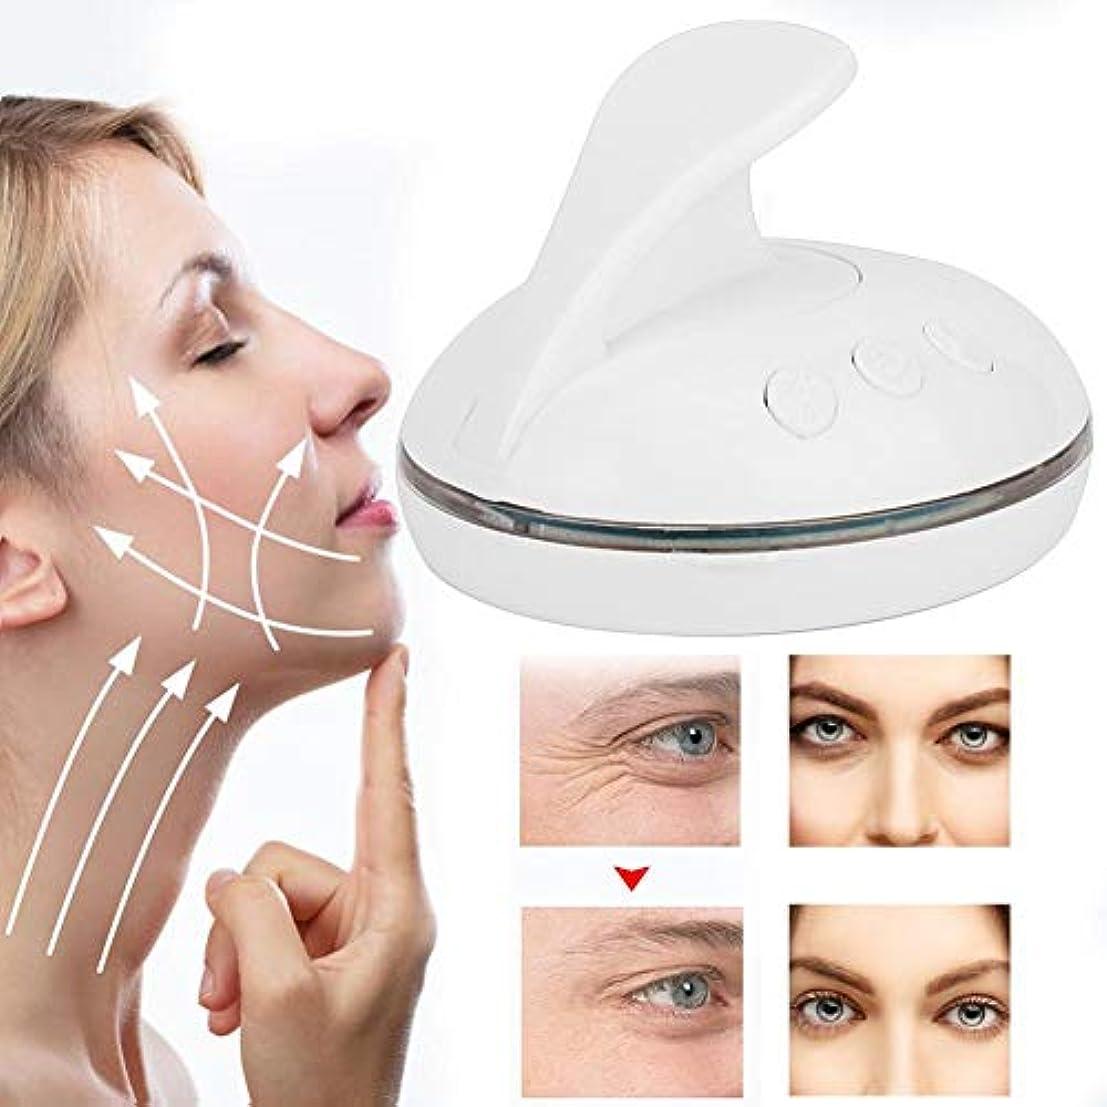 しなければならない独裁物理的にLEDの顔のスキンケア機械、3色の軽い若返りの器械の改装の反老化の表面スキンケアのマッサージャーは顔の反しわをきつく締めます